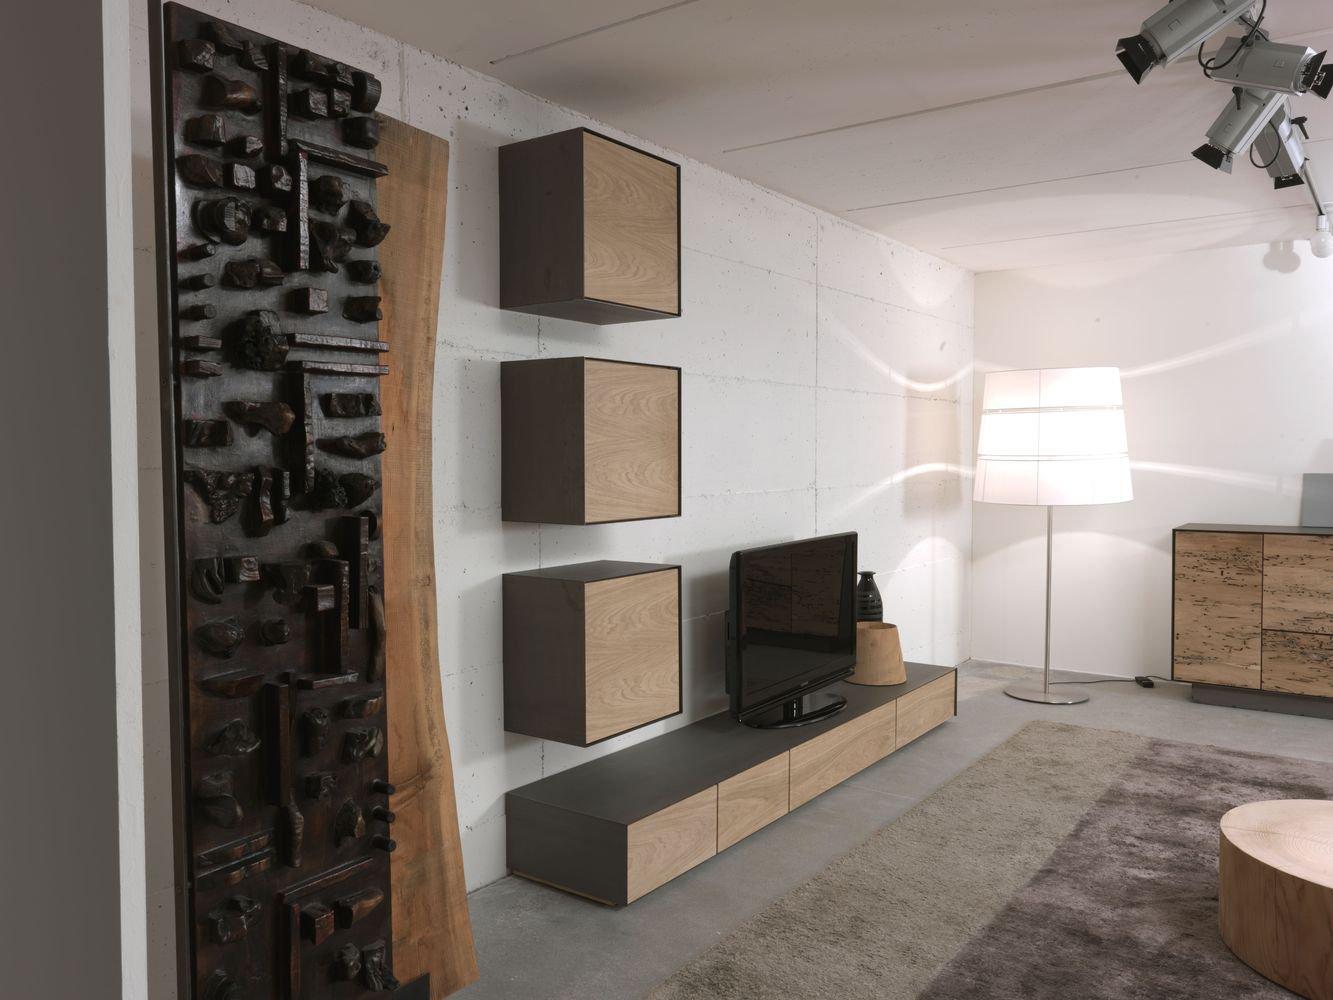 Rialto Wall Unit 2013 cabinet from Riva 1920, designed by Giuliano & Gabriele Cappelletti